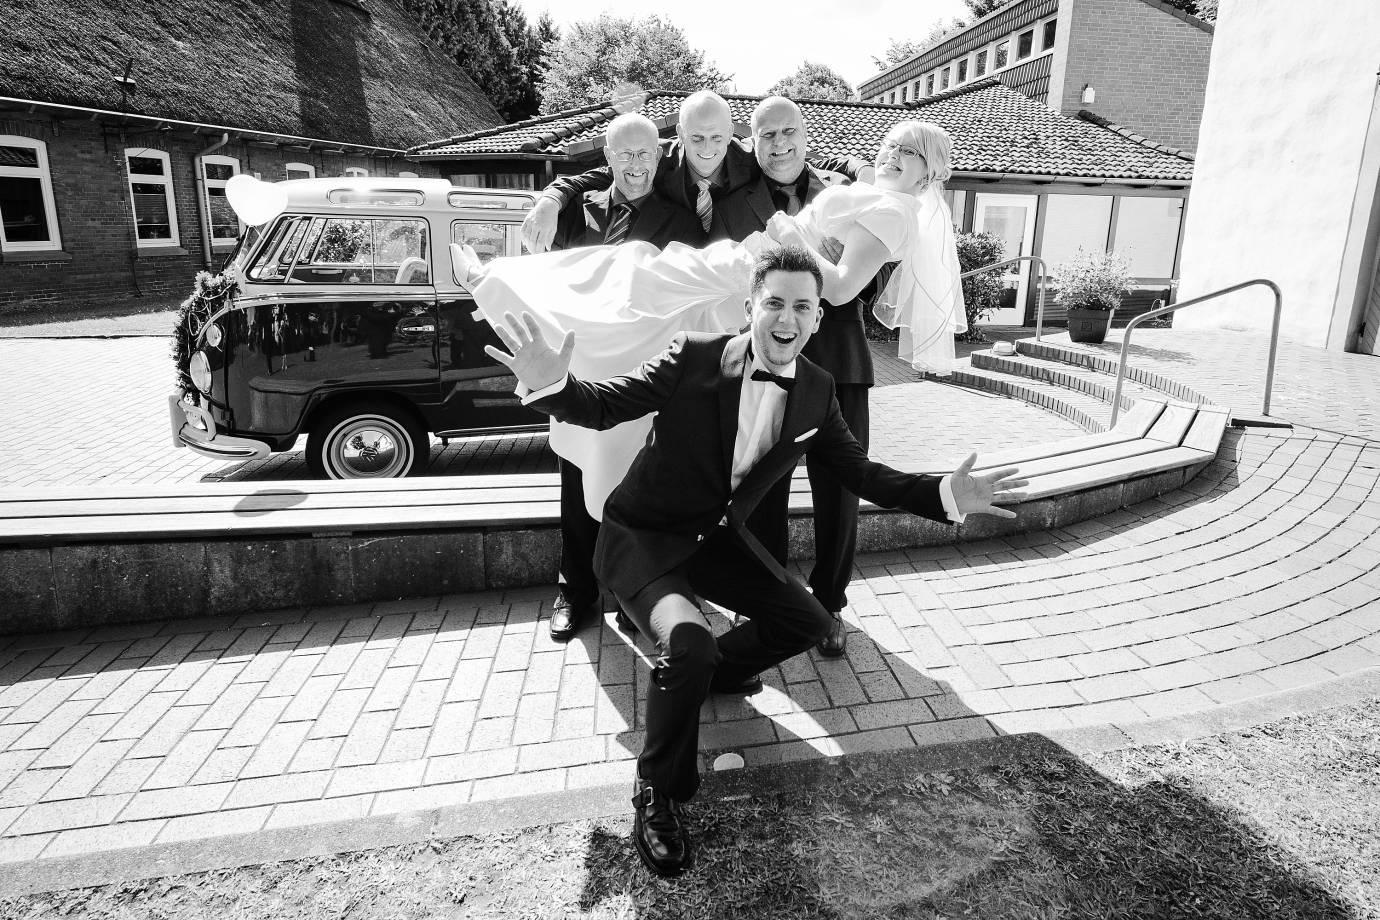 hochzeitsfotograf hambergen 117 - Iris+Sascha